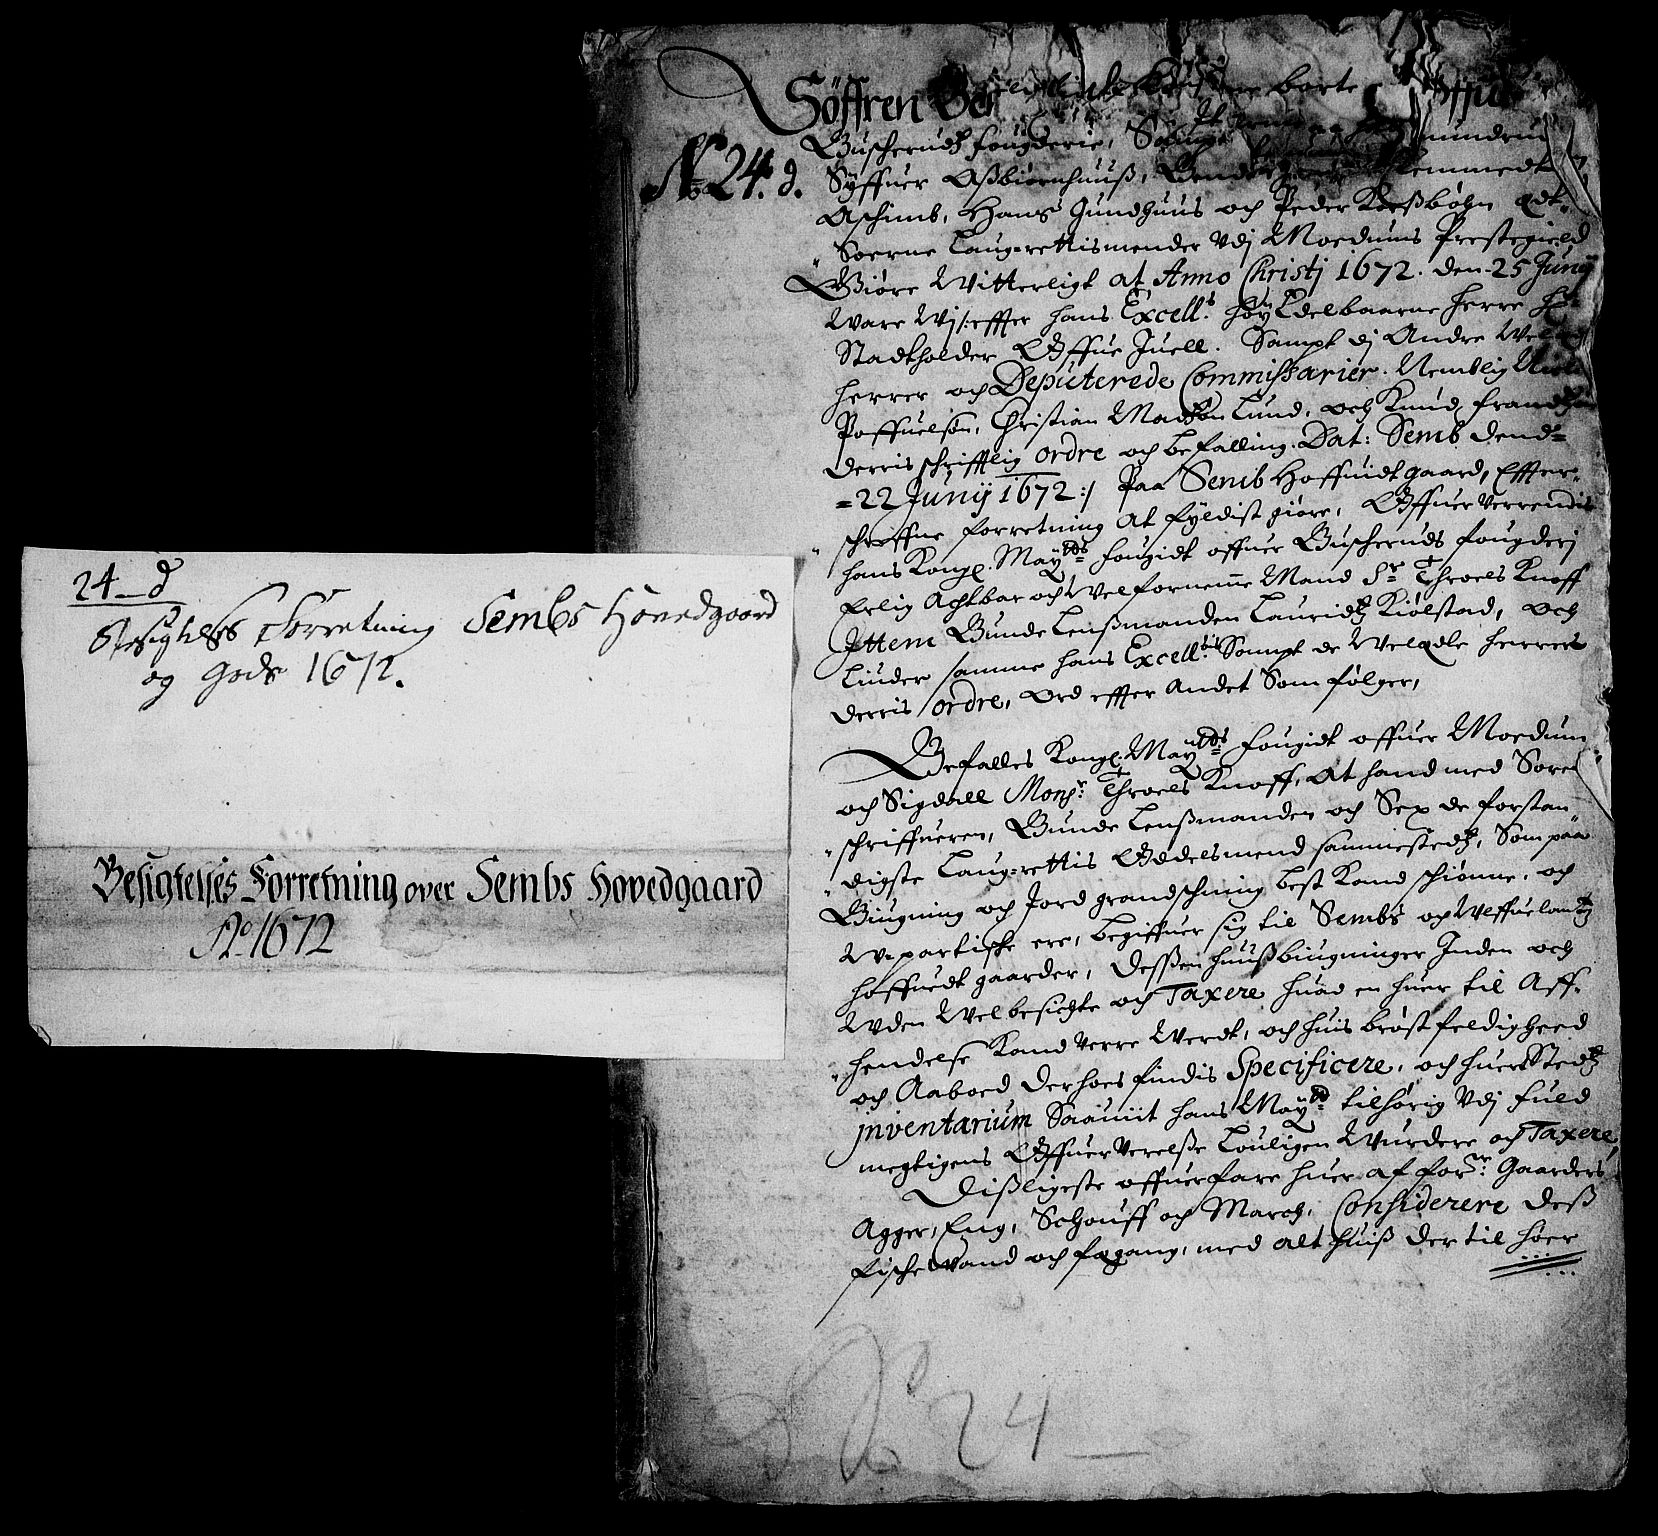 RA, Rentekammeret inntil 1814, Realistisk ordnet avdeling, On/L0013: [Jj 14]: Forskjellige dokumenter om krongodset i Norge, 1672-1722, s. 2